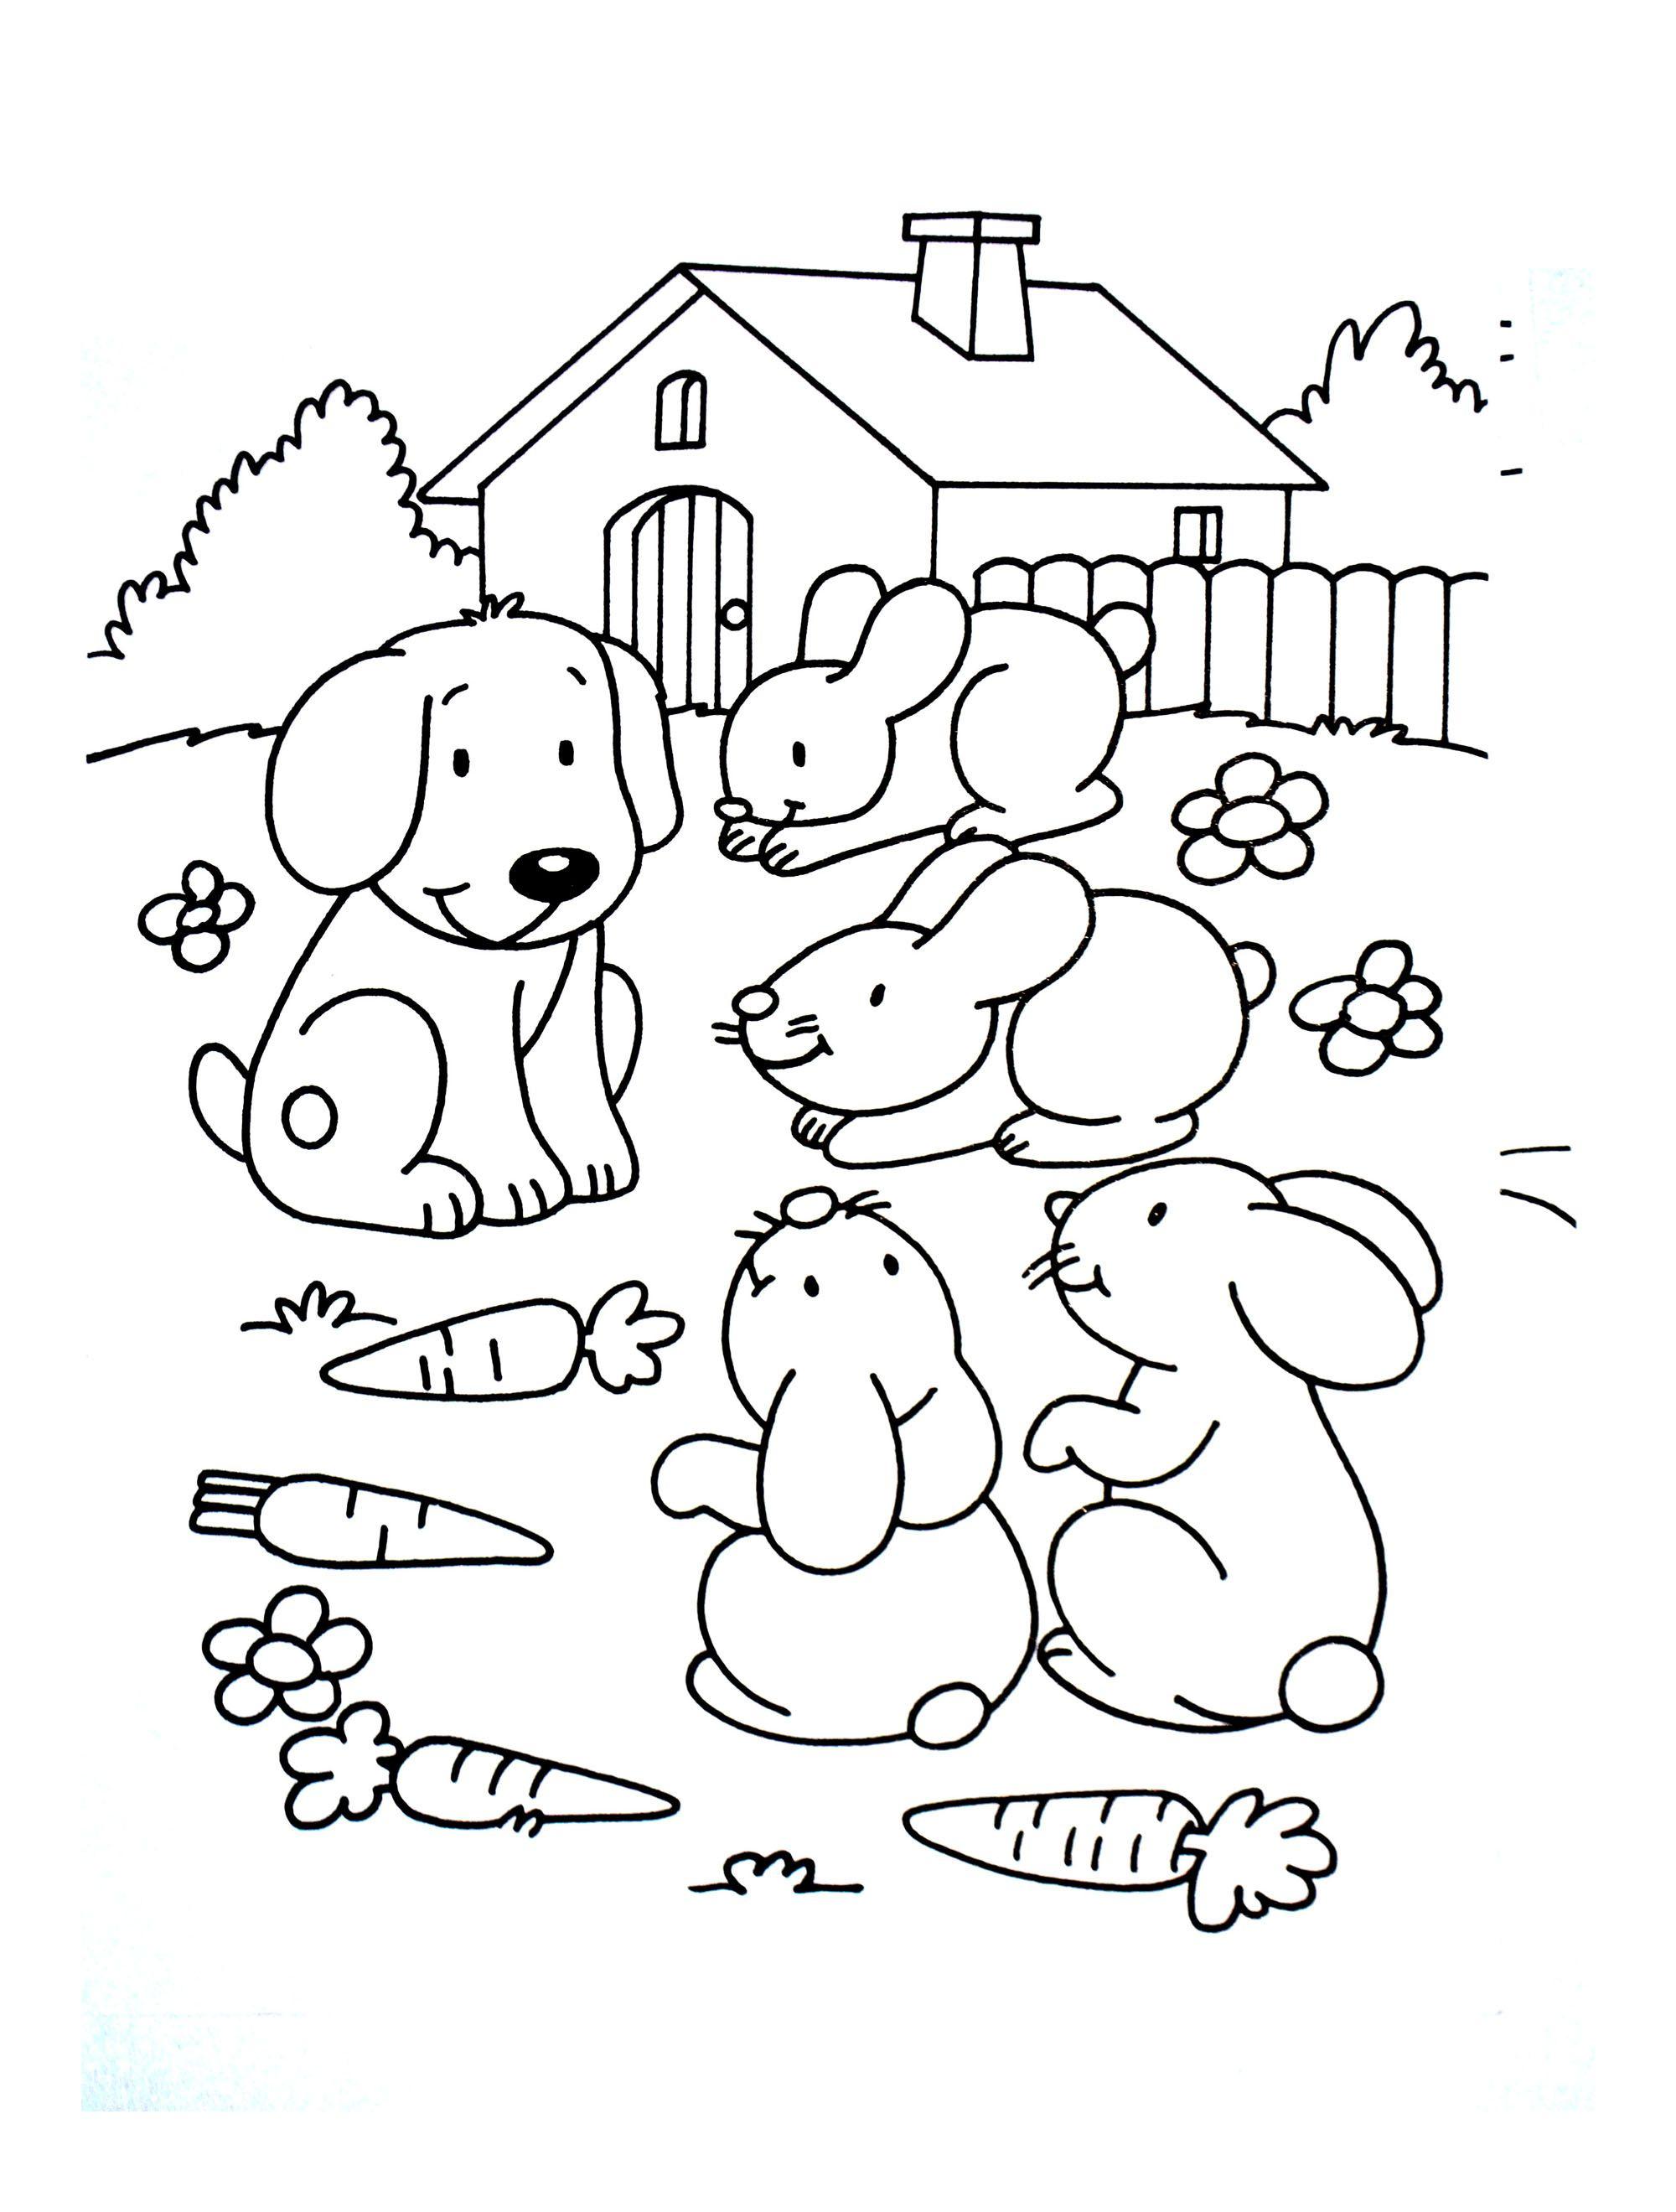 Coloriage De Ferme A Imprimer Gratuit.Trouver 25 Coloriage A Imprimer Gratuit Animaux De La Ferme